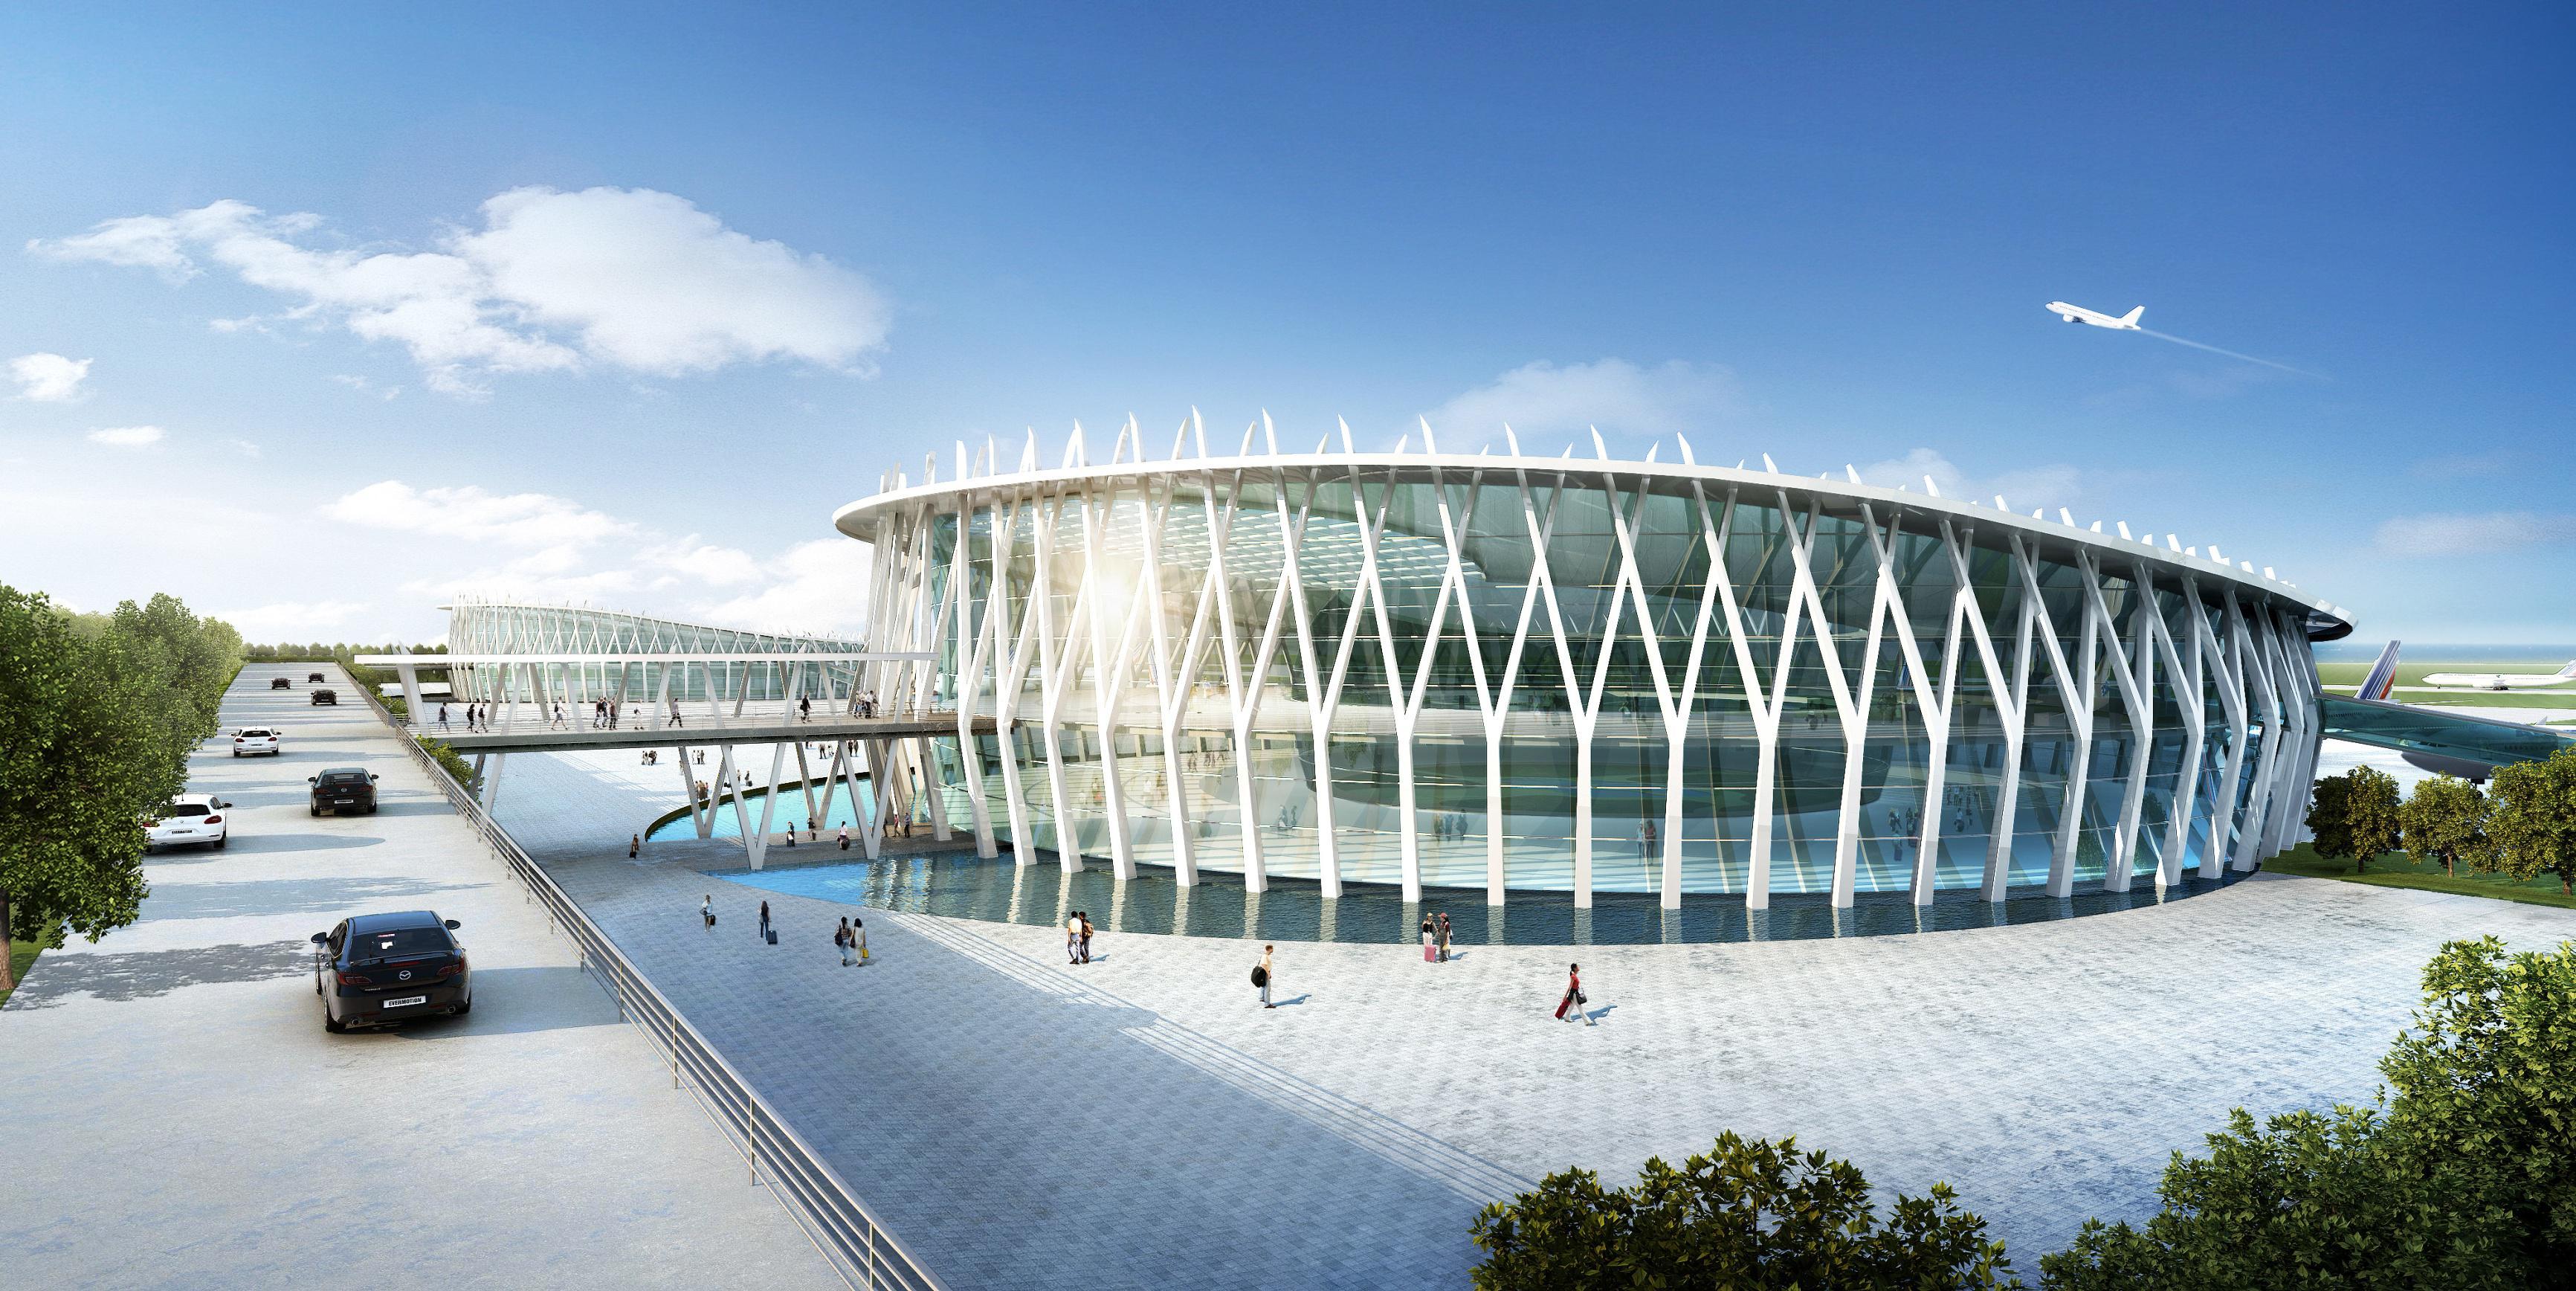 朝鲜元山国际机场建筑方案设计